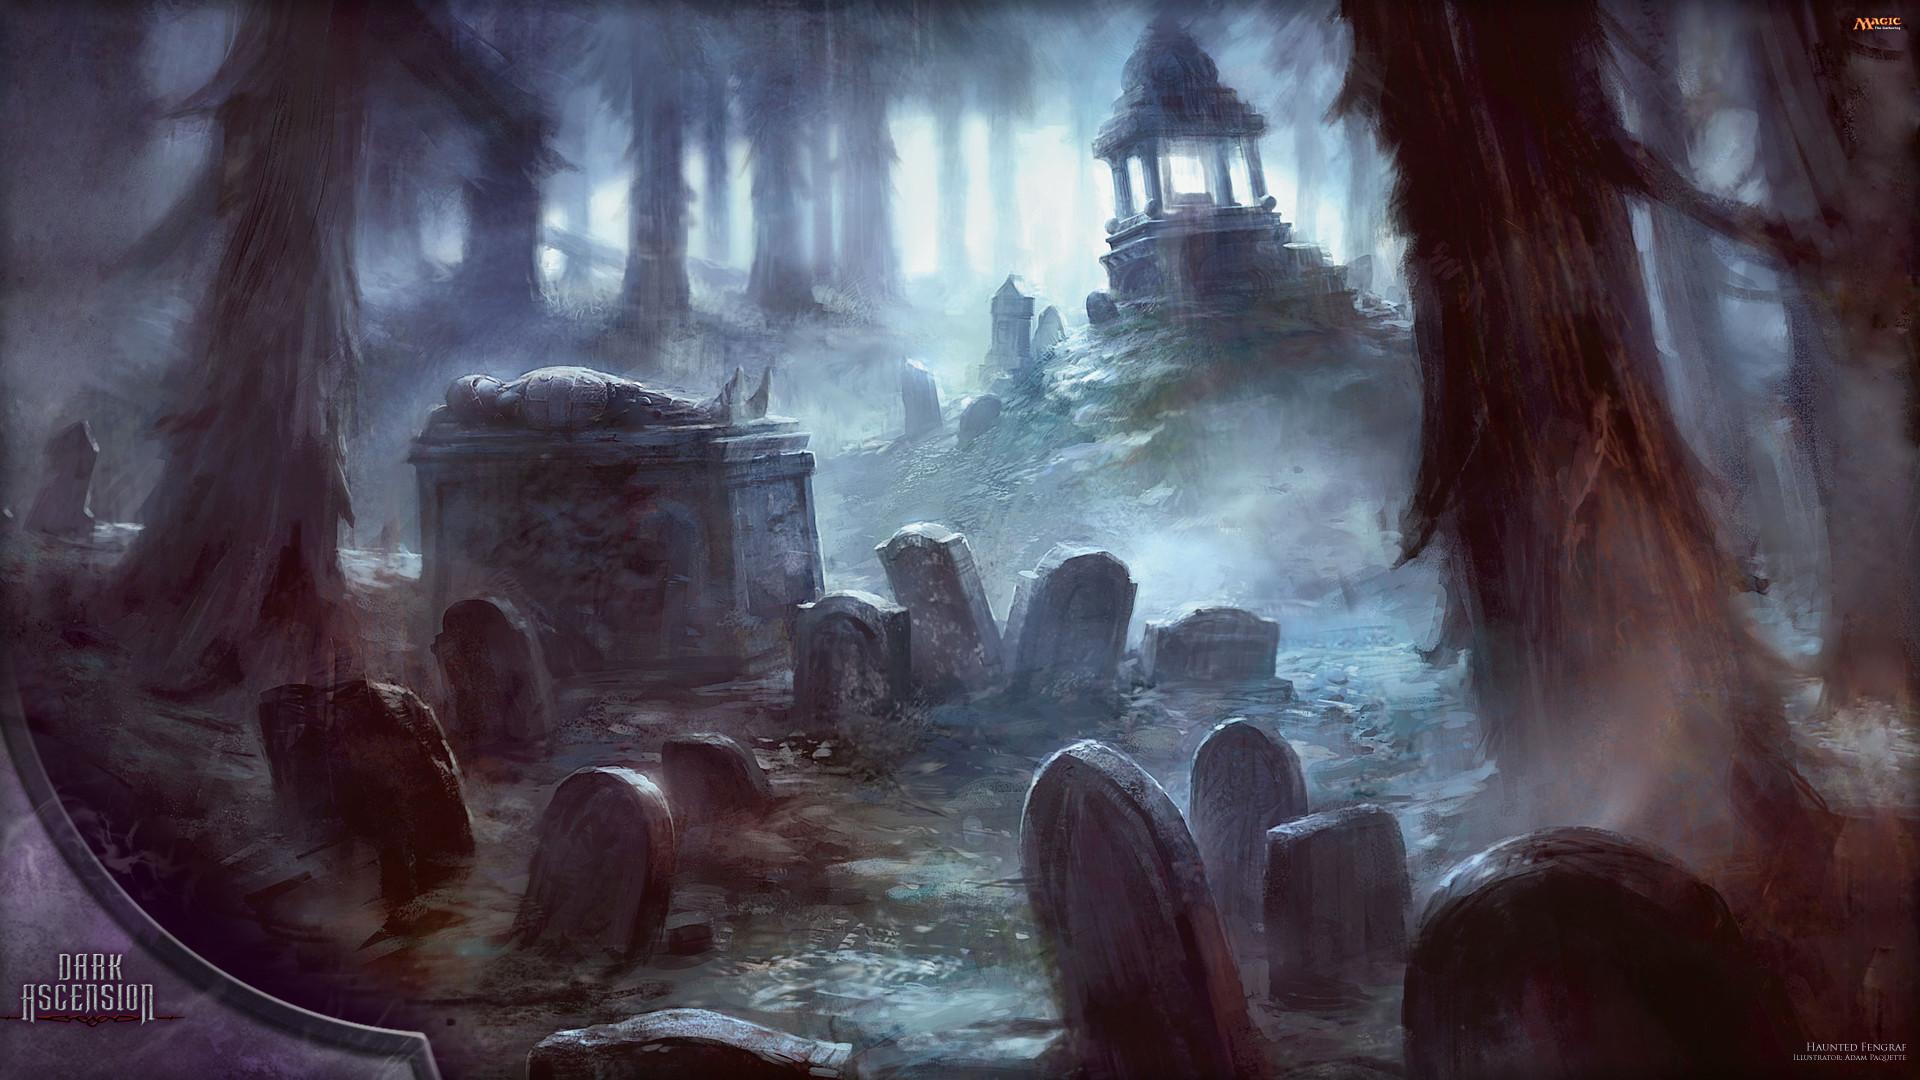 Wallpaper of the Week: Haunted Fengraf